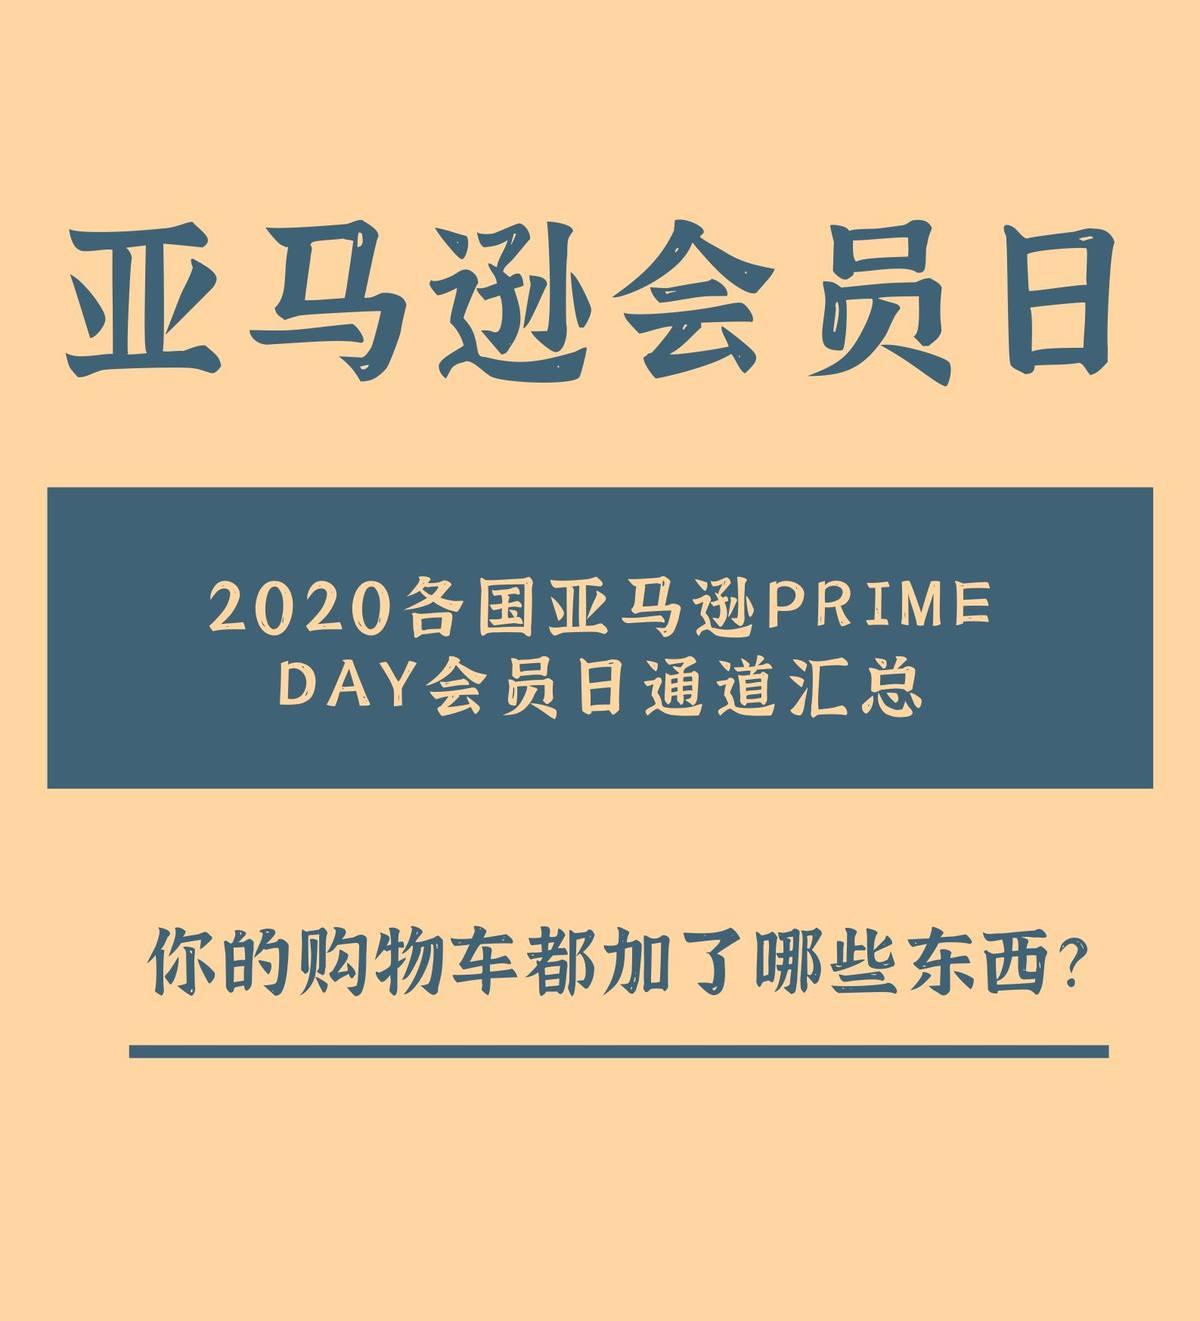 亚马逊会员日是哪天?2020各国亚马逊Prime Day会员